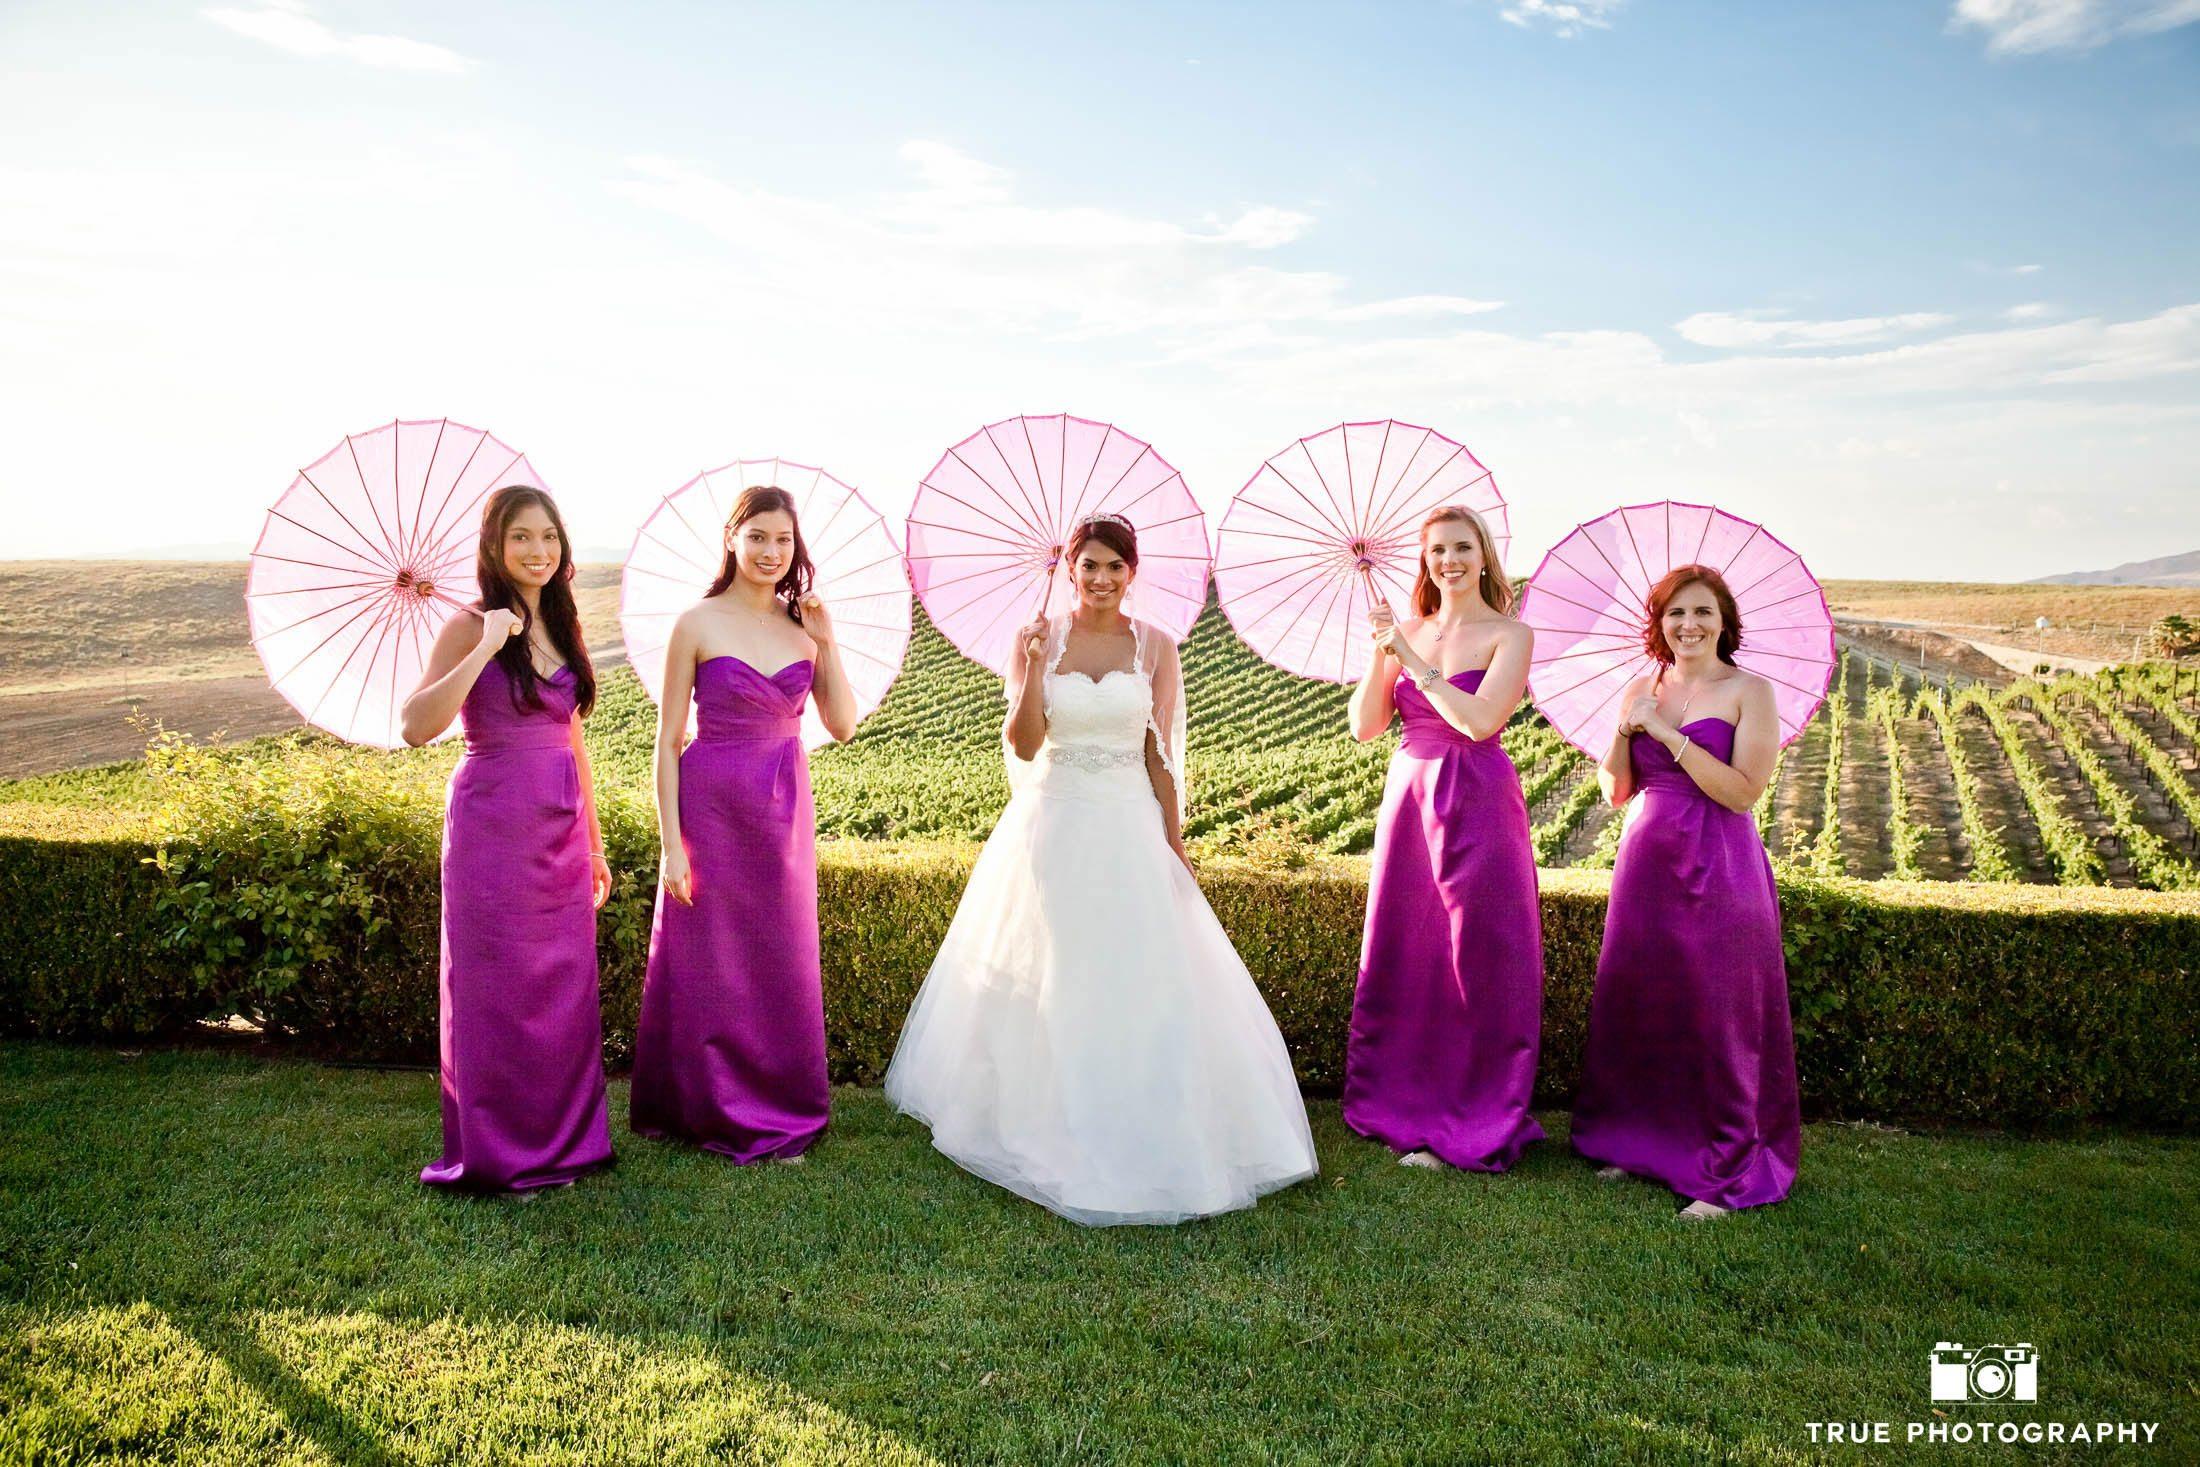 Bridesmaid with parasol umbrellas in vineyard